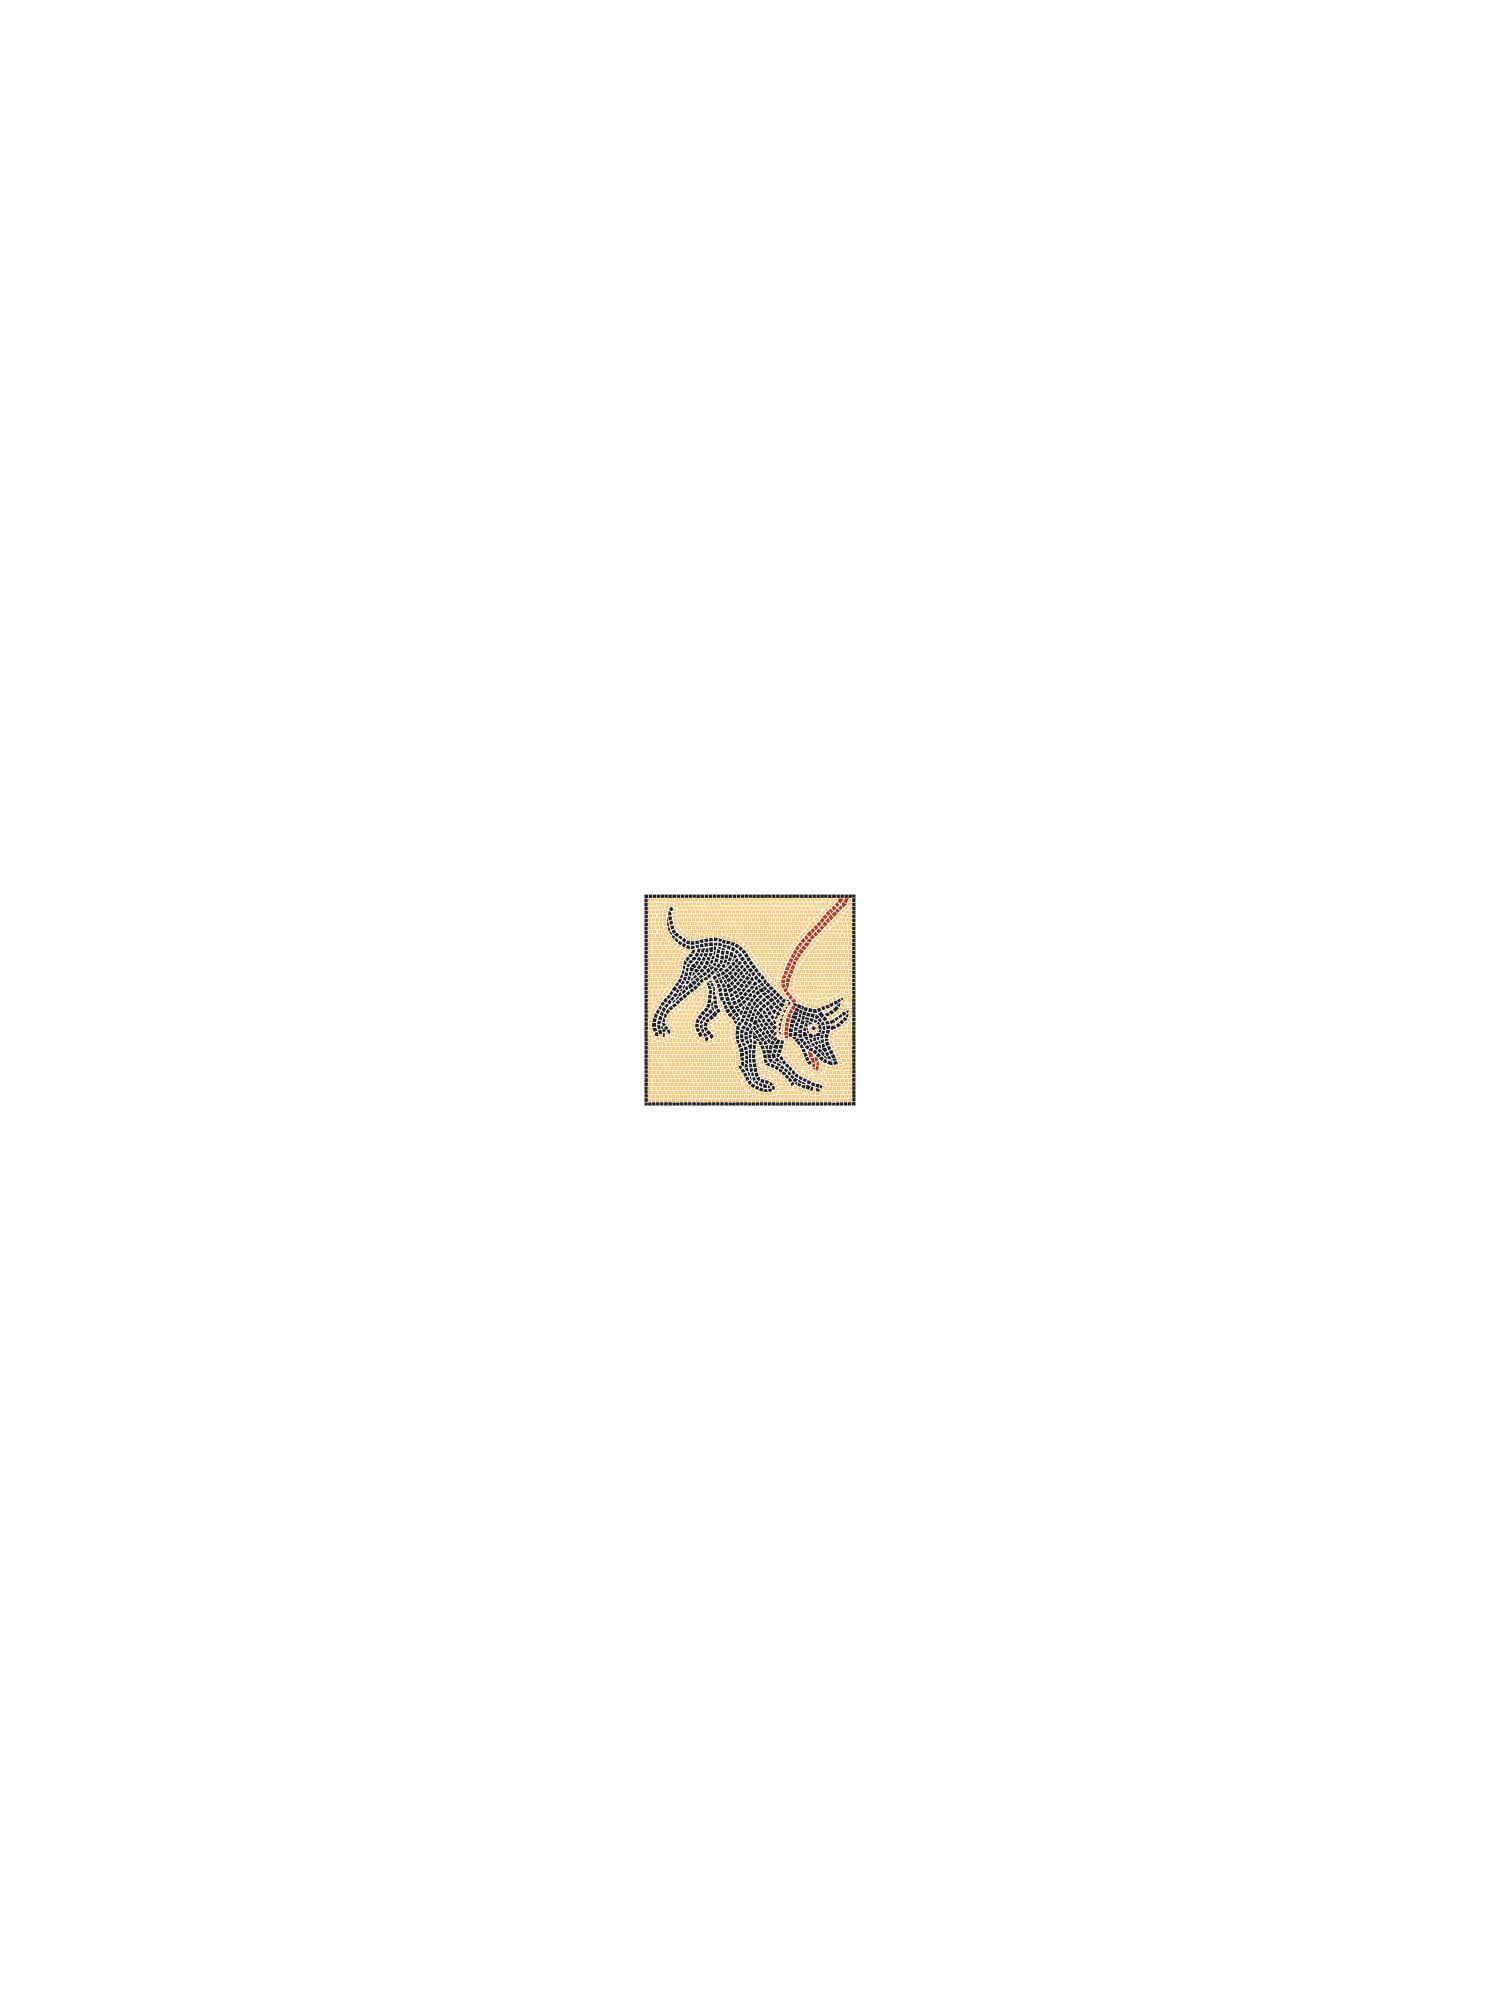 Fliesen Mosaik Vorlagen Atemberaubend Malvorlagen Mosaik Galerie